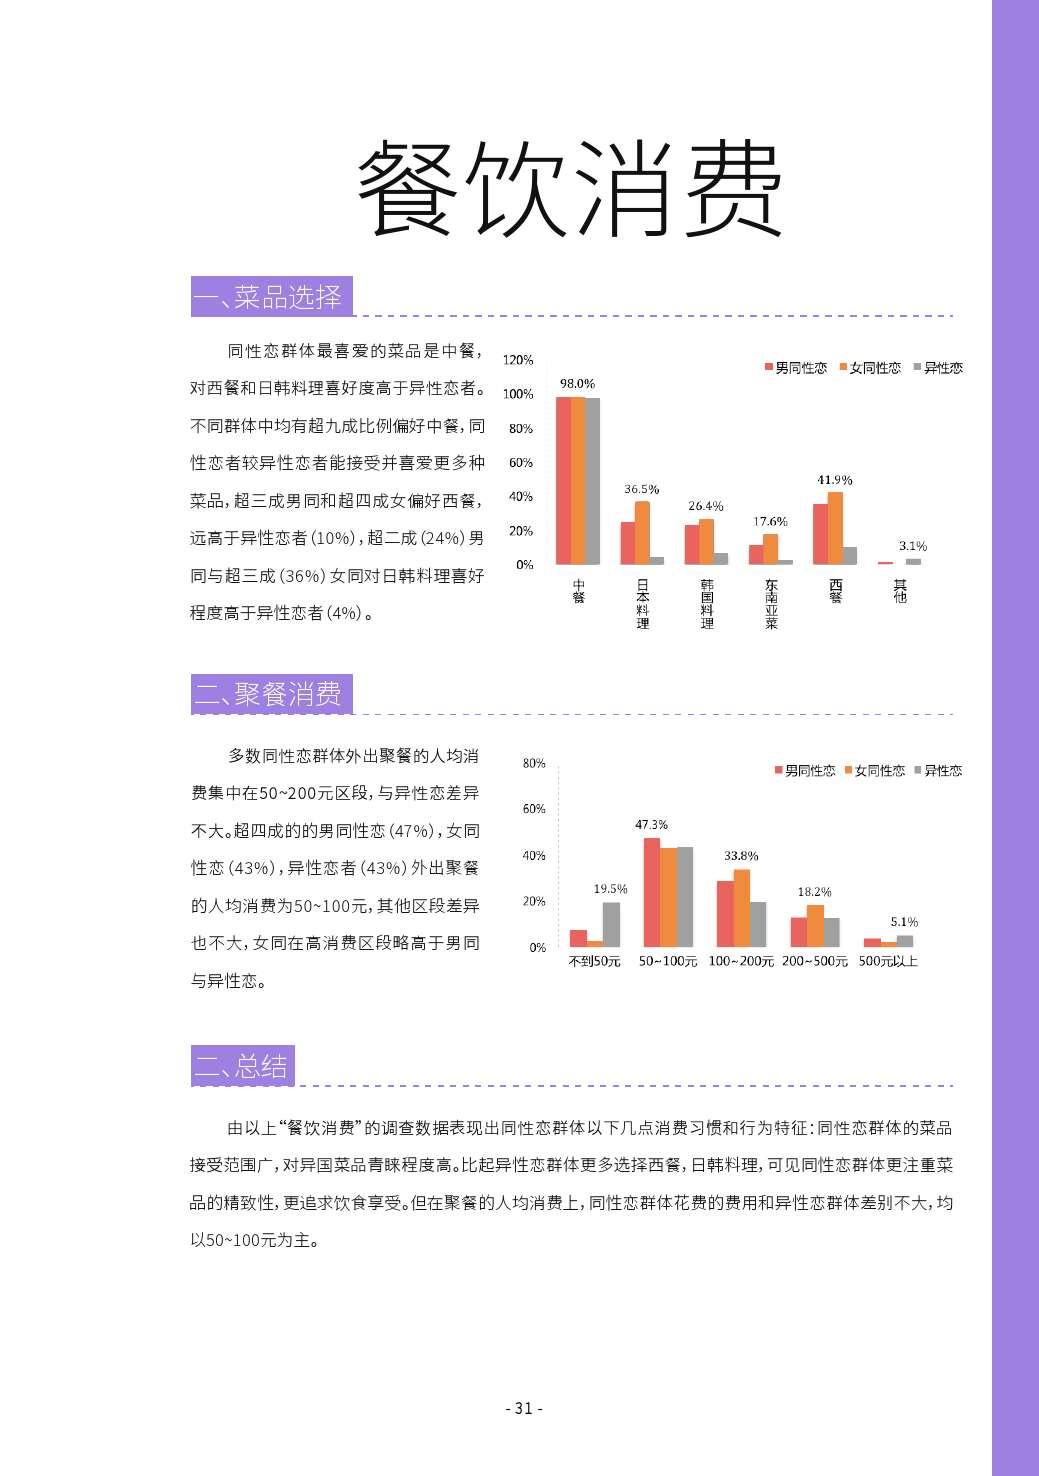 第二届中国LGBT群体消费调查报告_000031